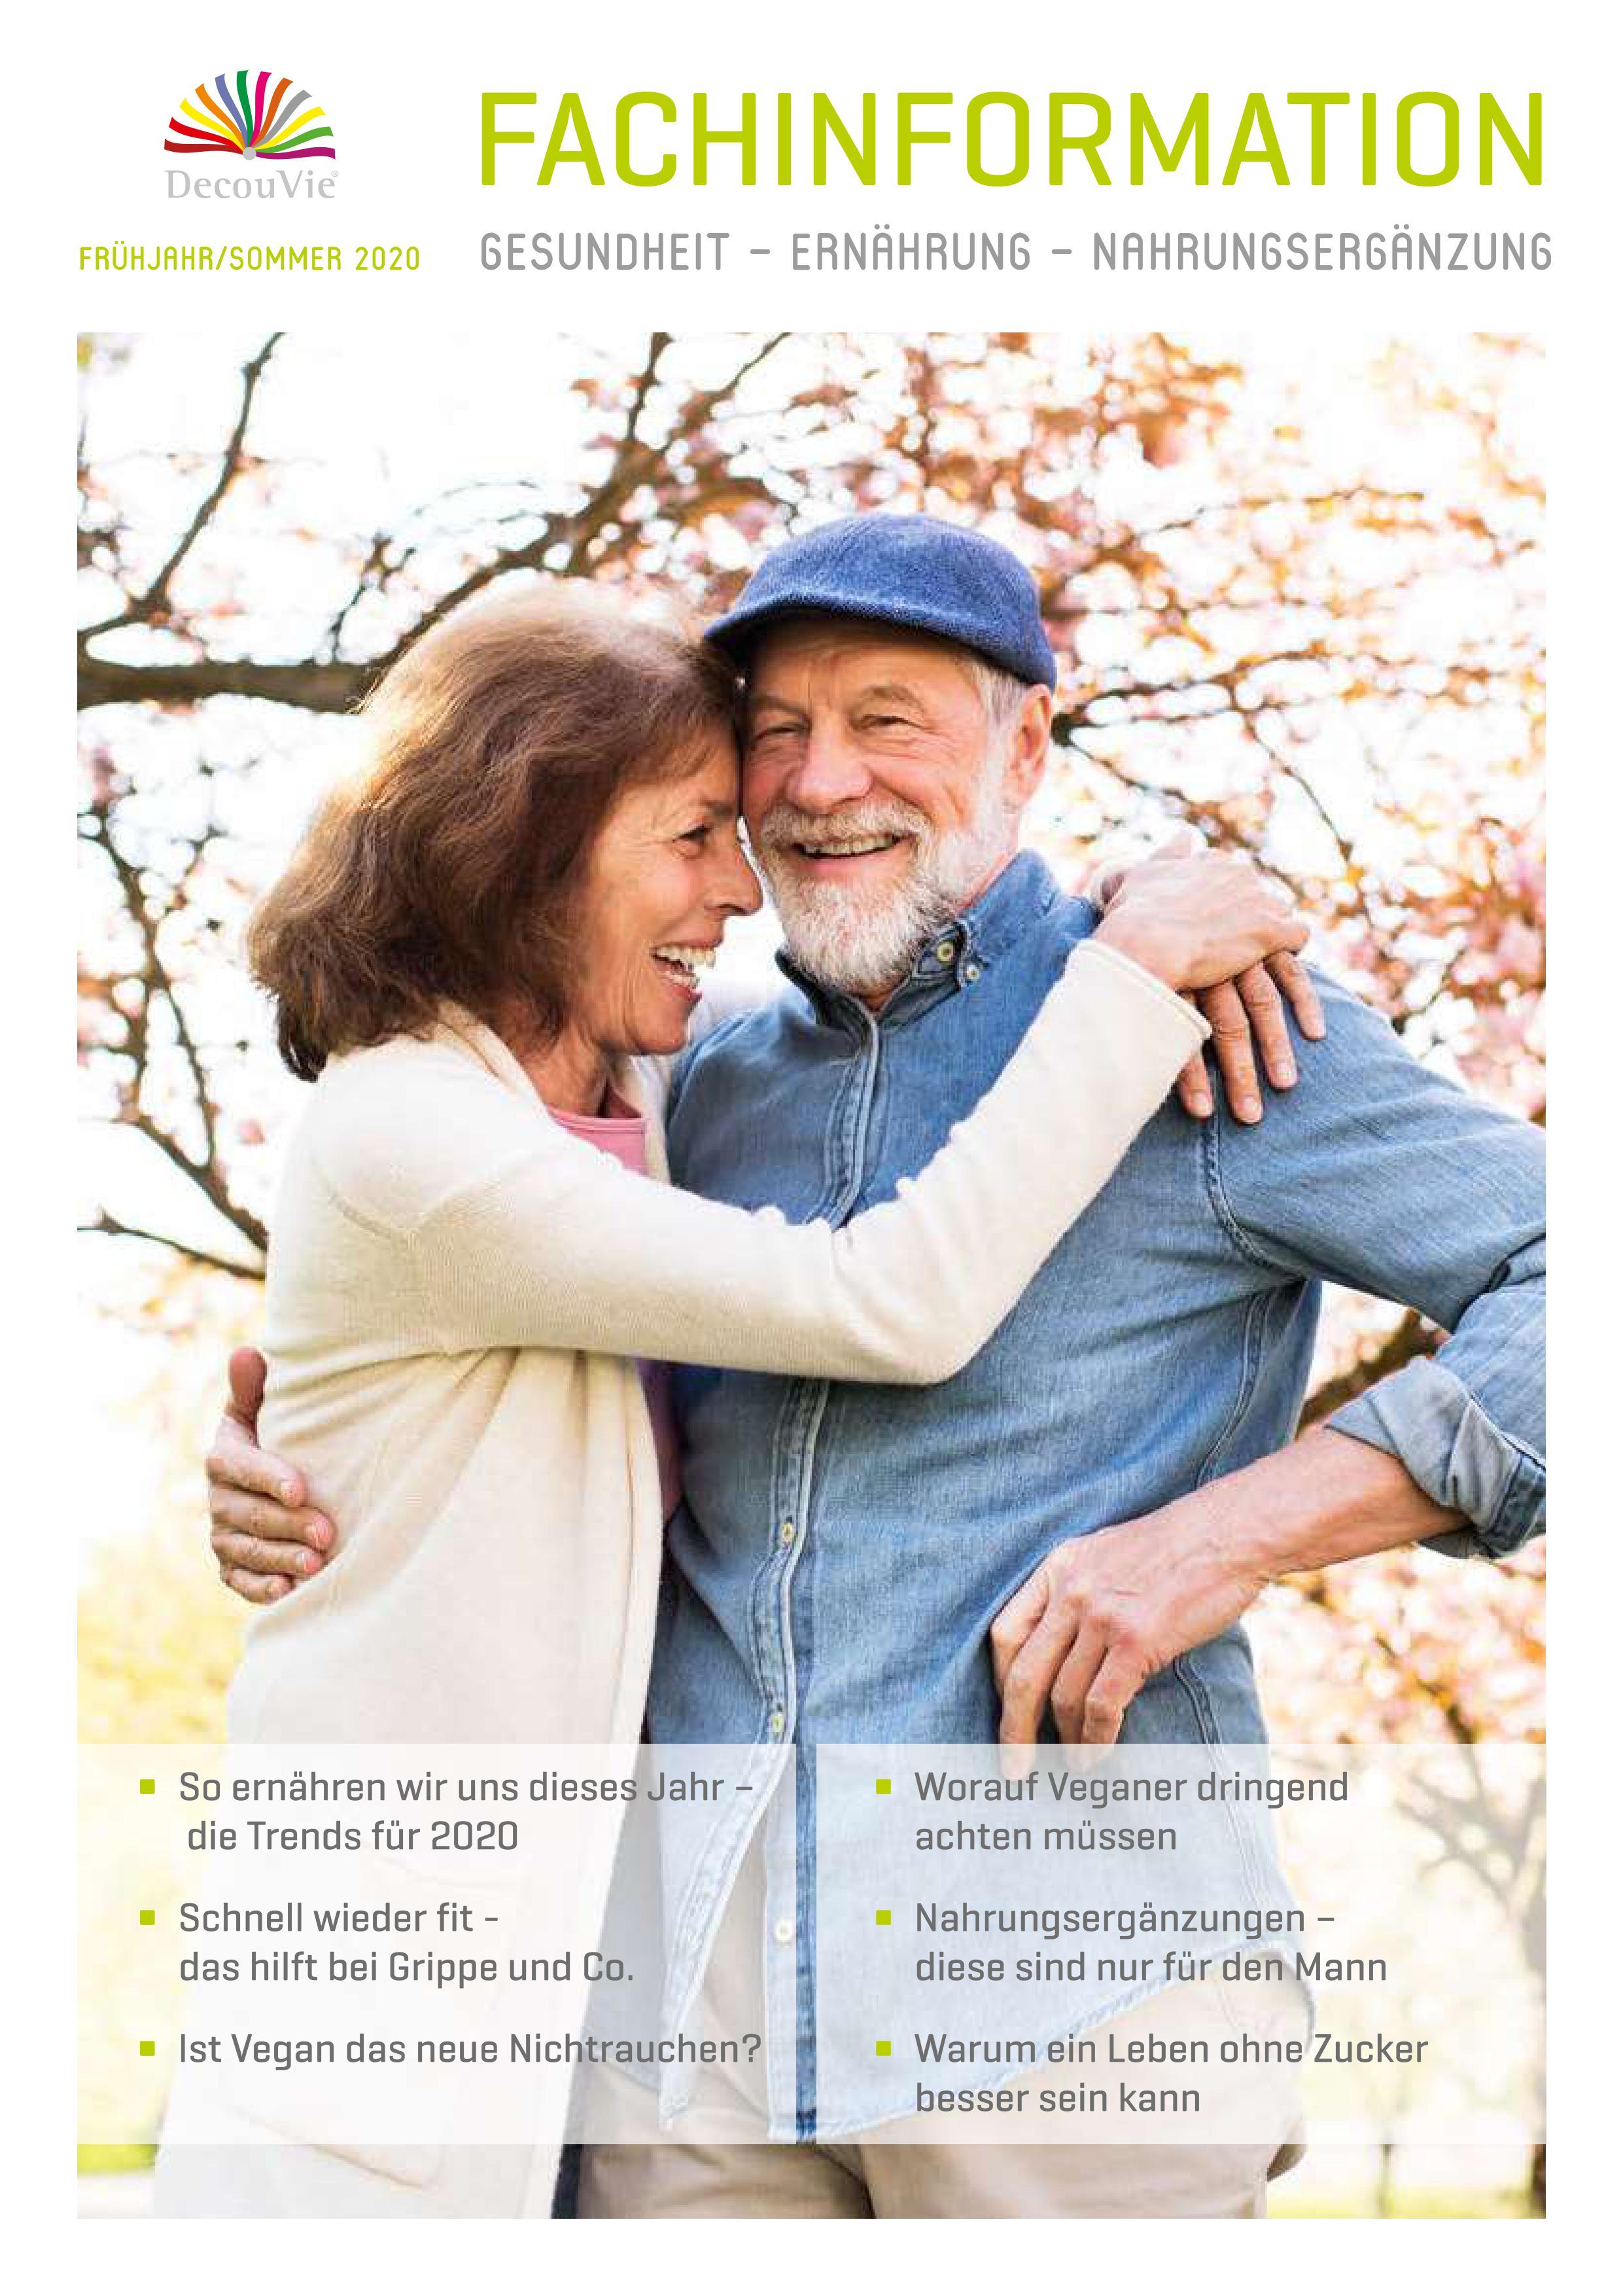 Fachinformation von DecouVie für Apotheker, Ärzte und Heilpraktiker, 52 Seiten